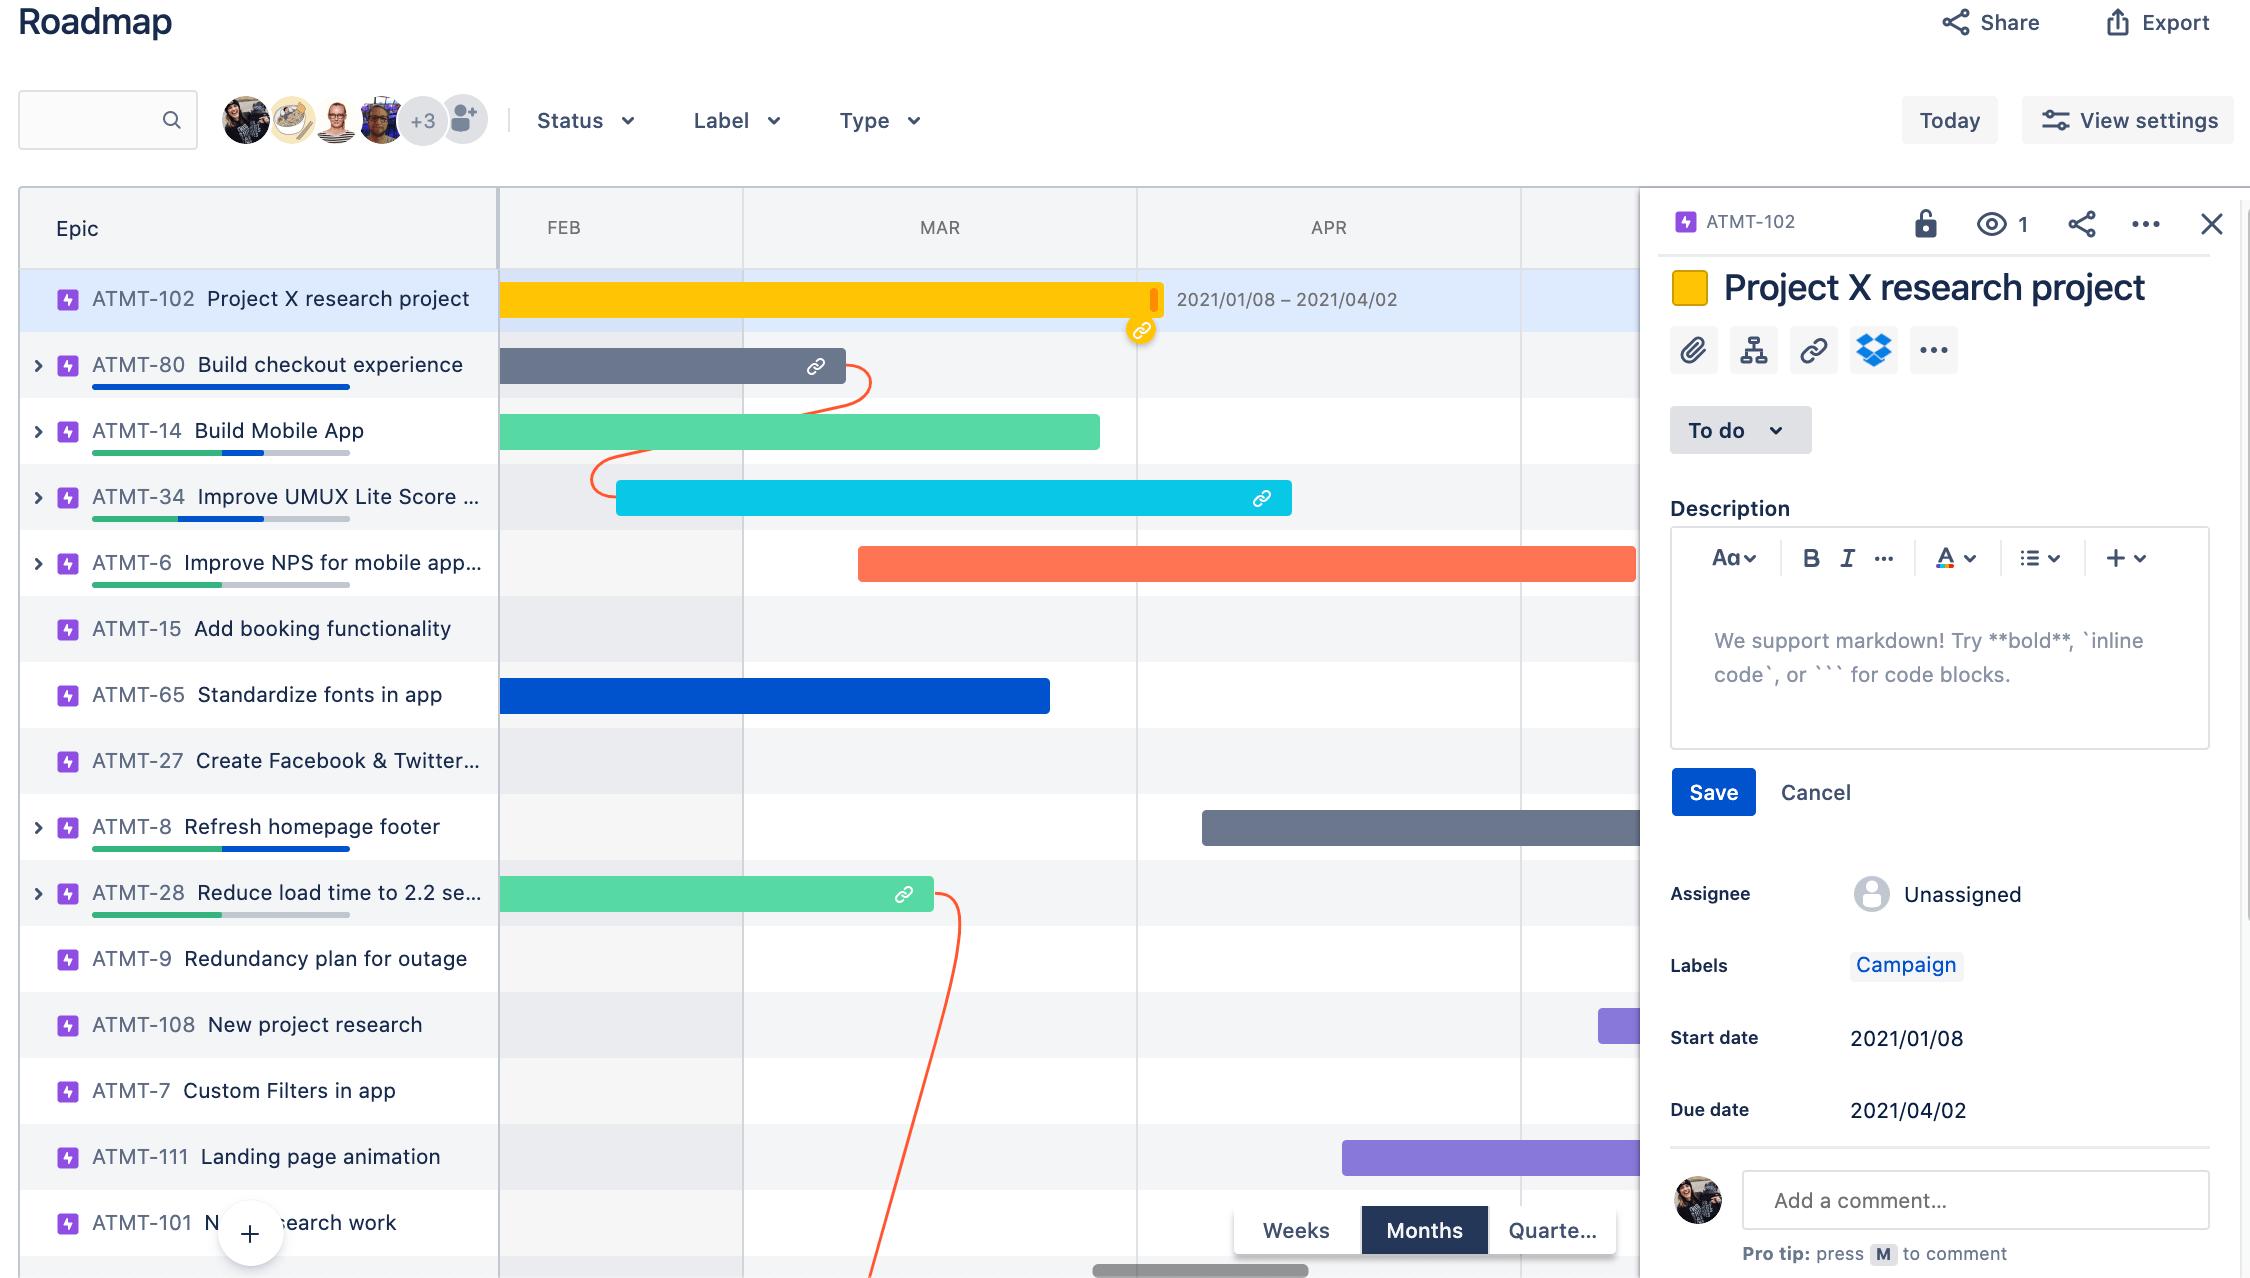 Dates de début et de fin de l'epic sur BasicRoadmaps dans JiraSoftware